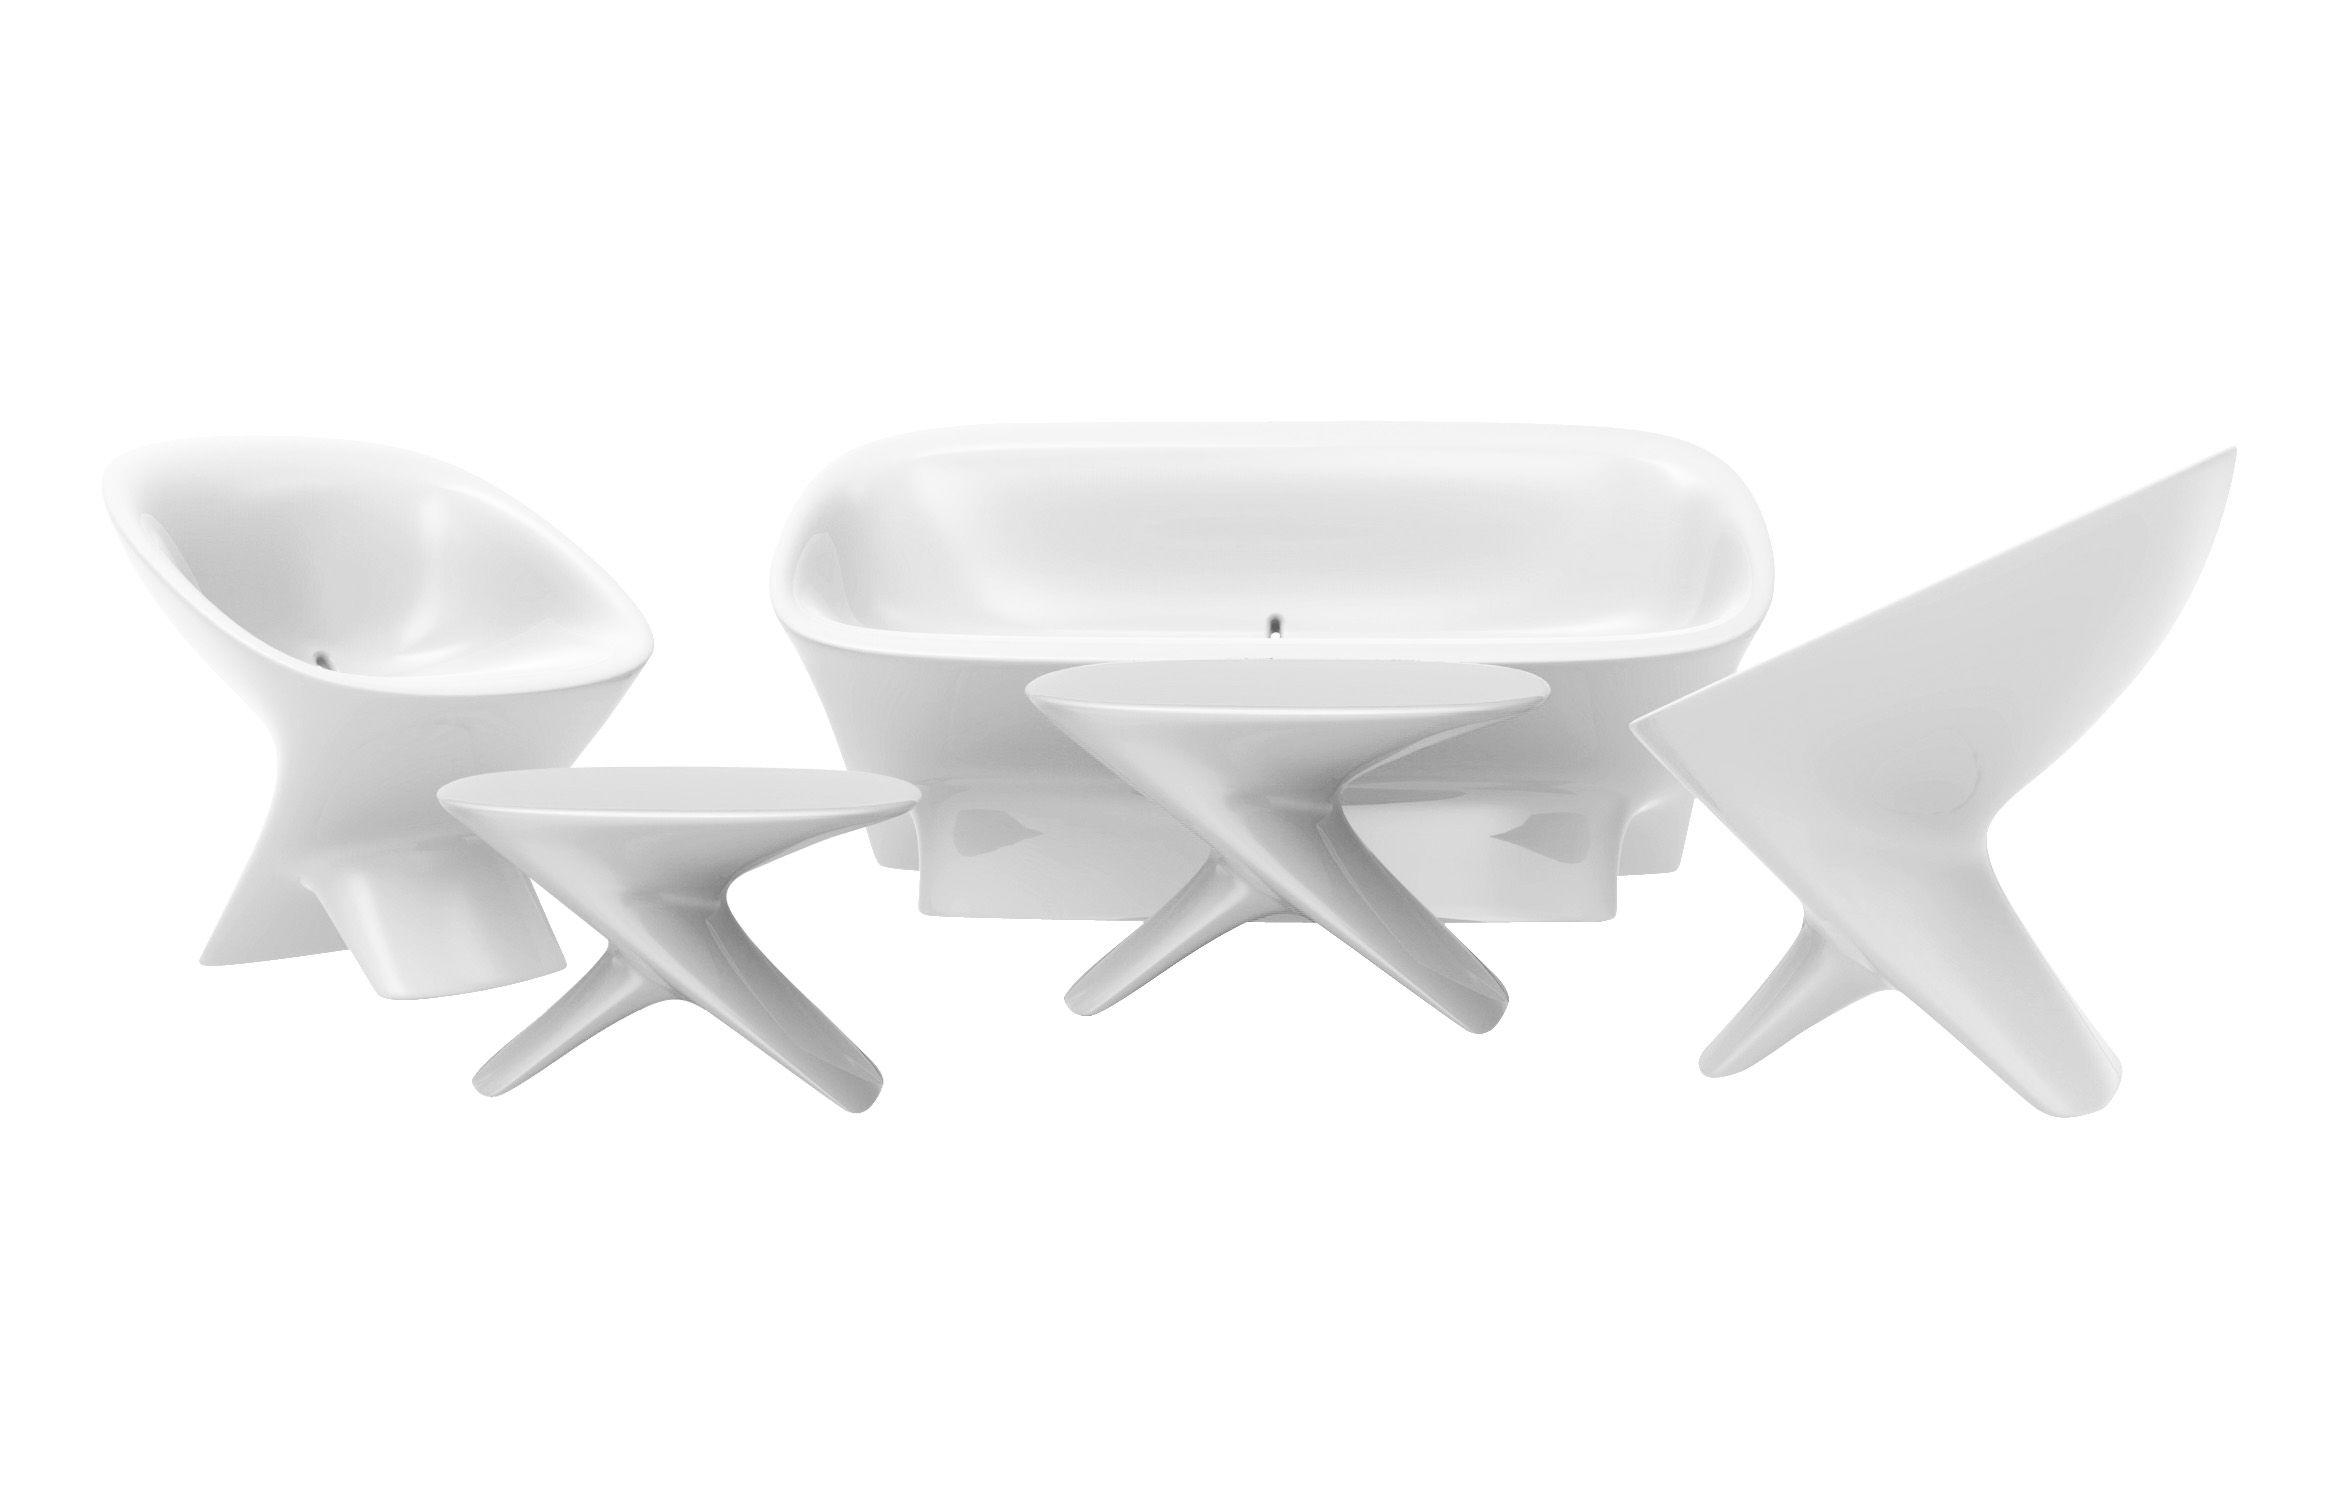 Canapé Ublo offre spéciale : 1 canapé + 2 fauteuils + 1 table Blanc ...